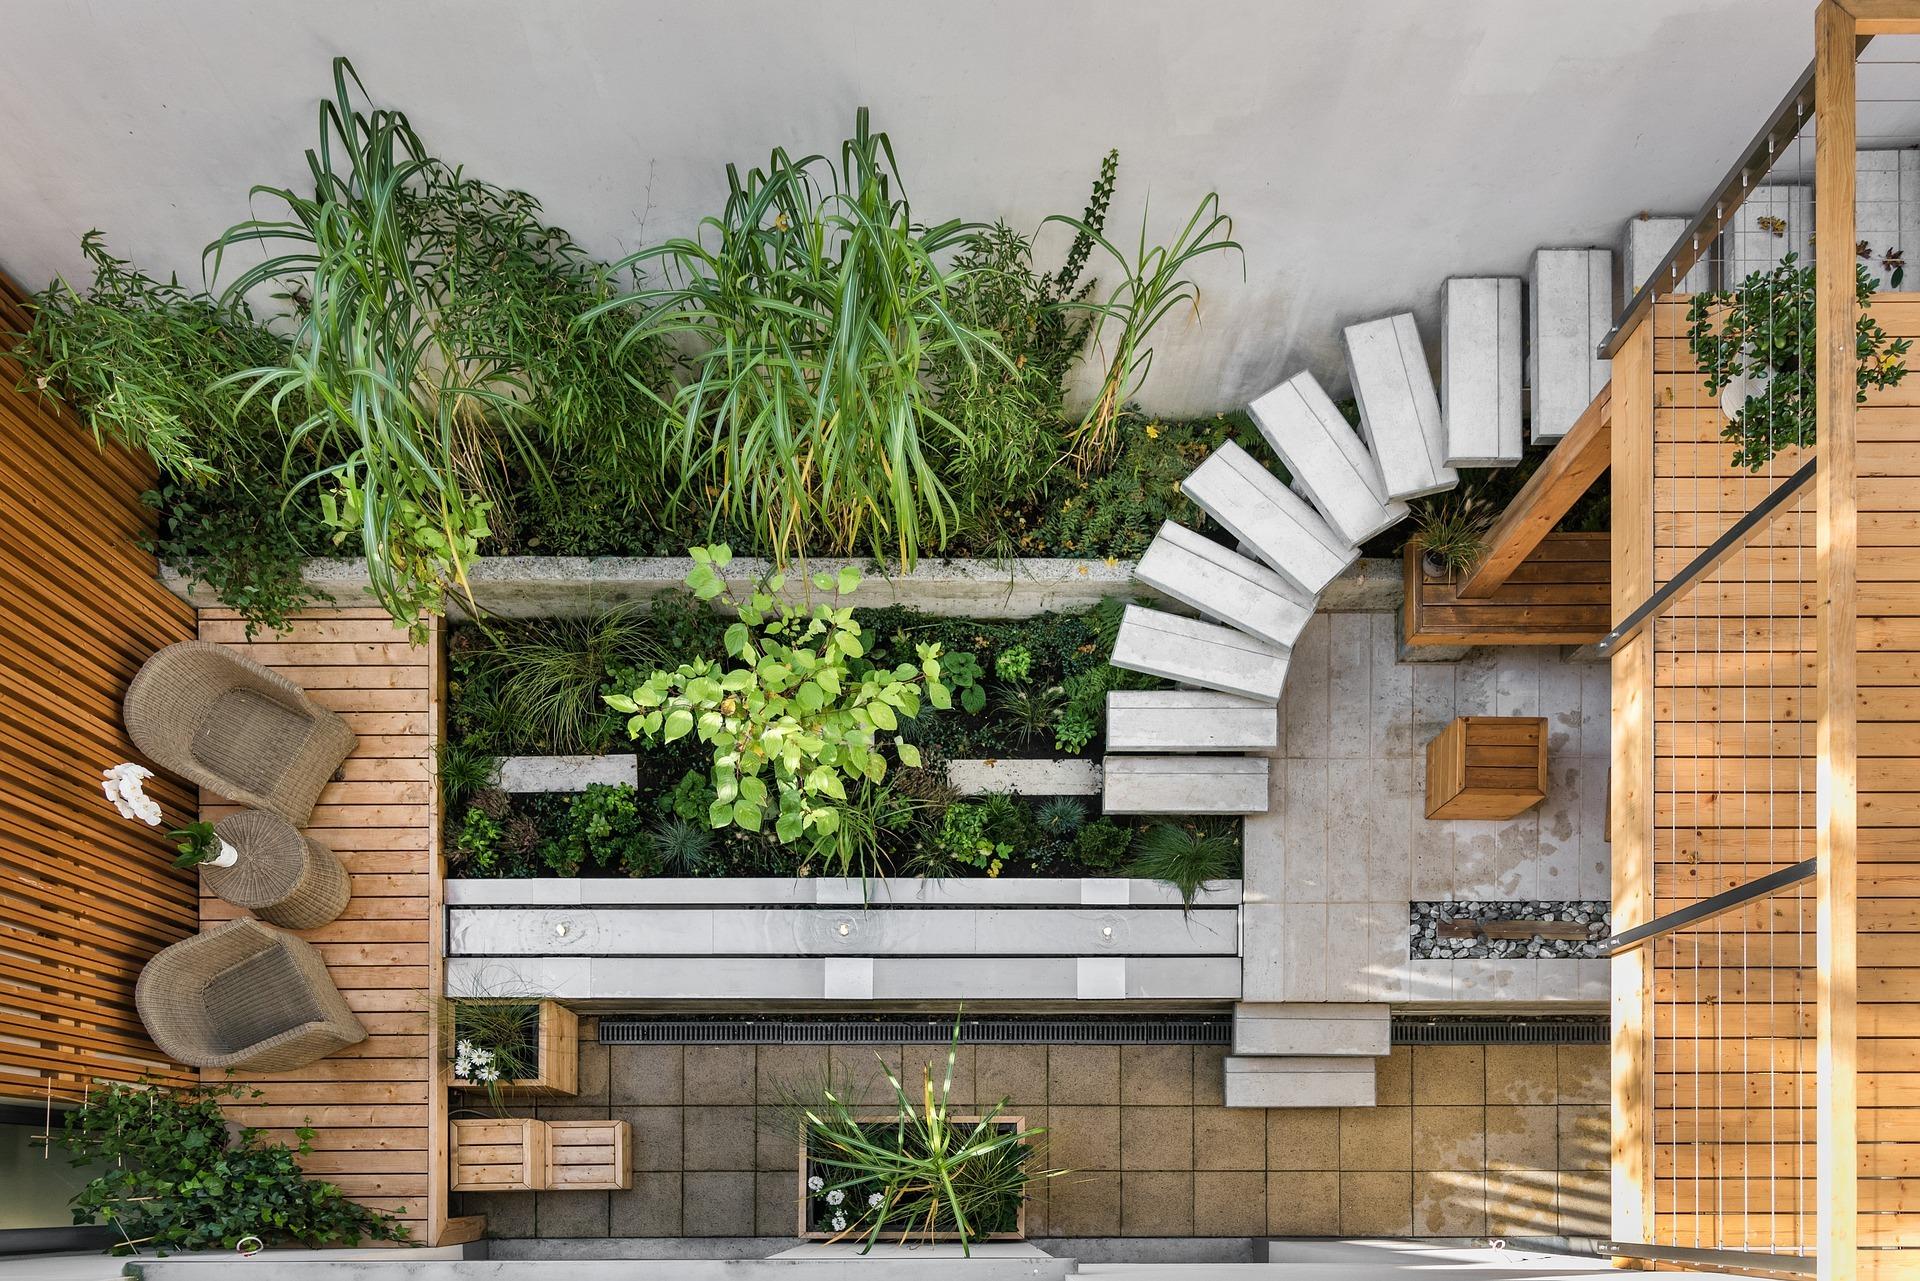 Quel Est Le Meilleur Bois Pour Terrasse quel revêtement de sol choisir pour la terrasse ? — trustup.be